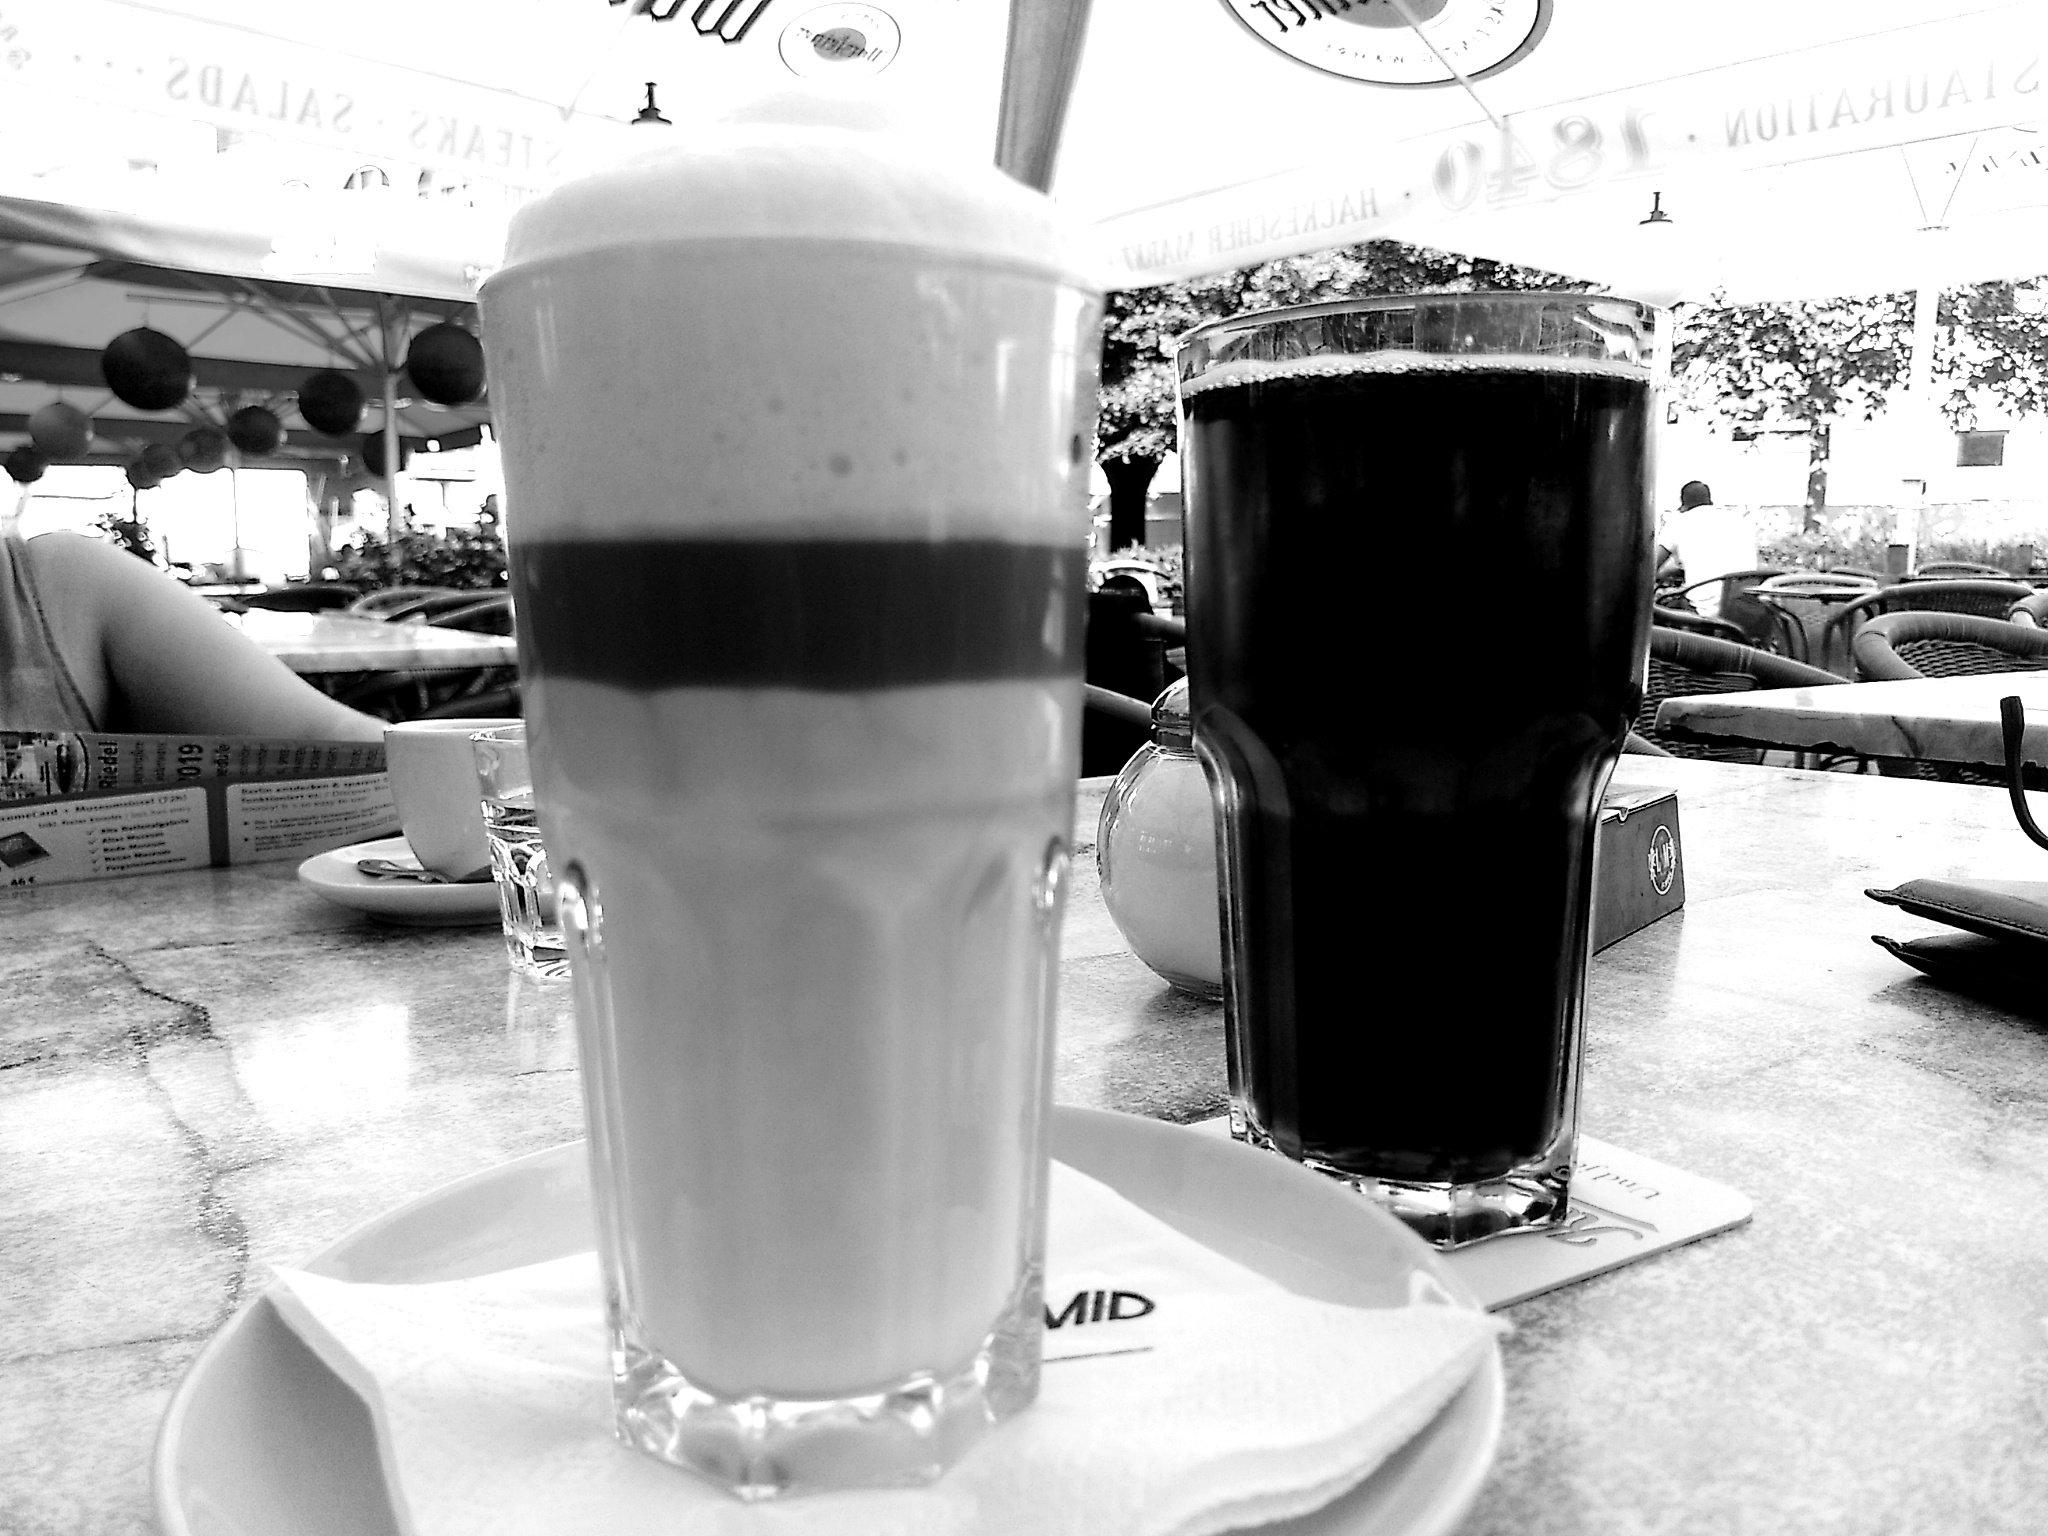 10 Tage Schwarz weiß - Kaffee und Kaltgetränk am Hacke'schen Markt